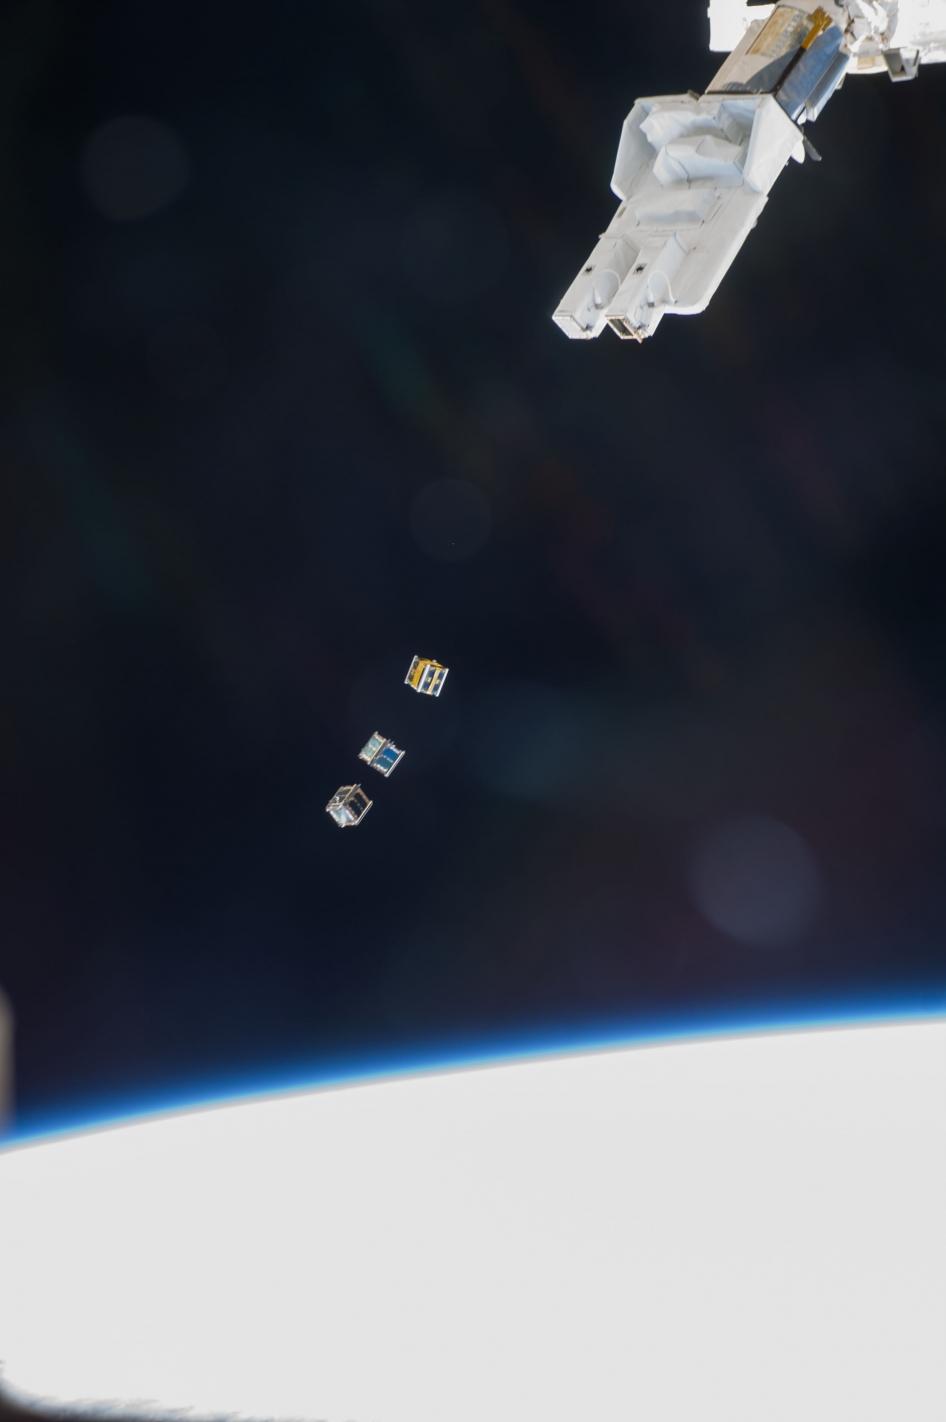 Кибер–рука Kibo выпускает малые спутники серии Cubesats